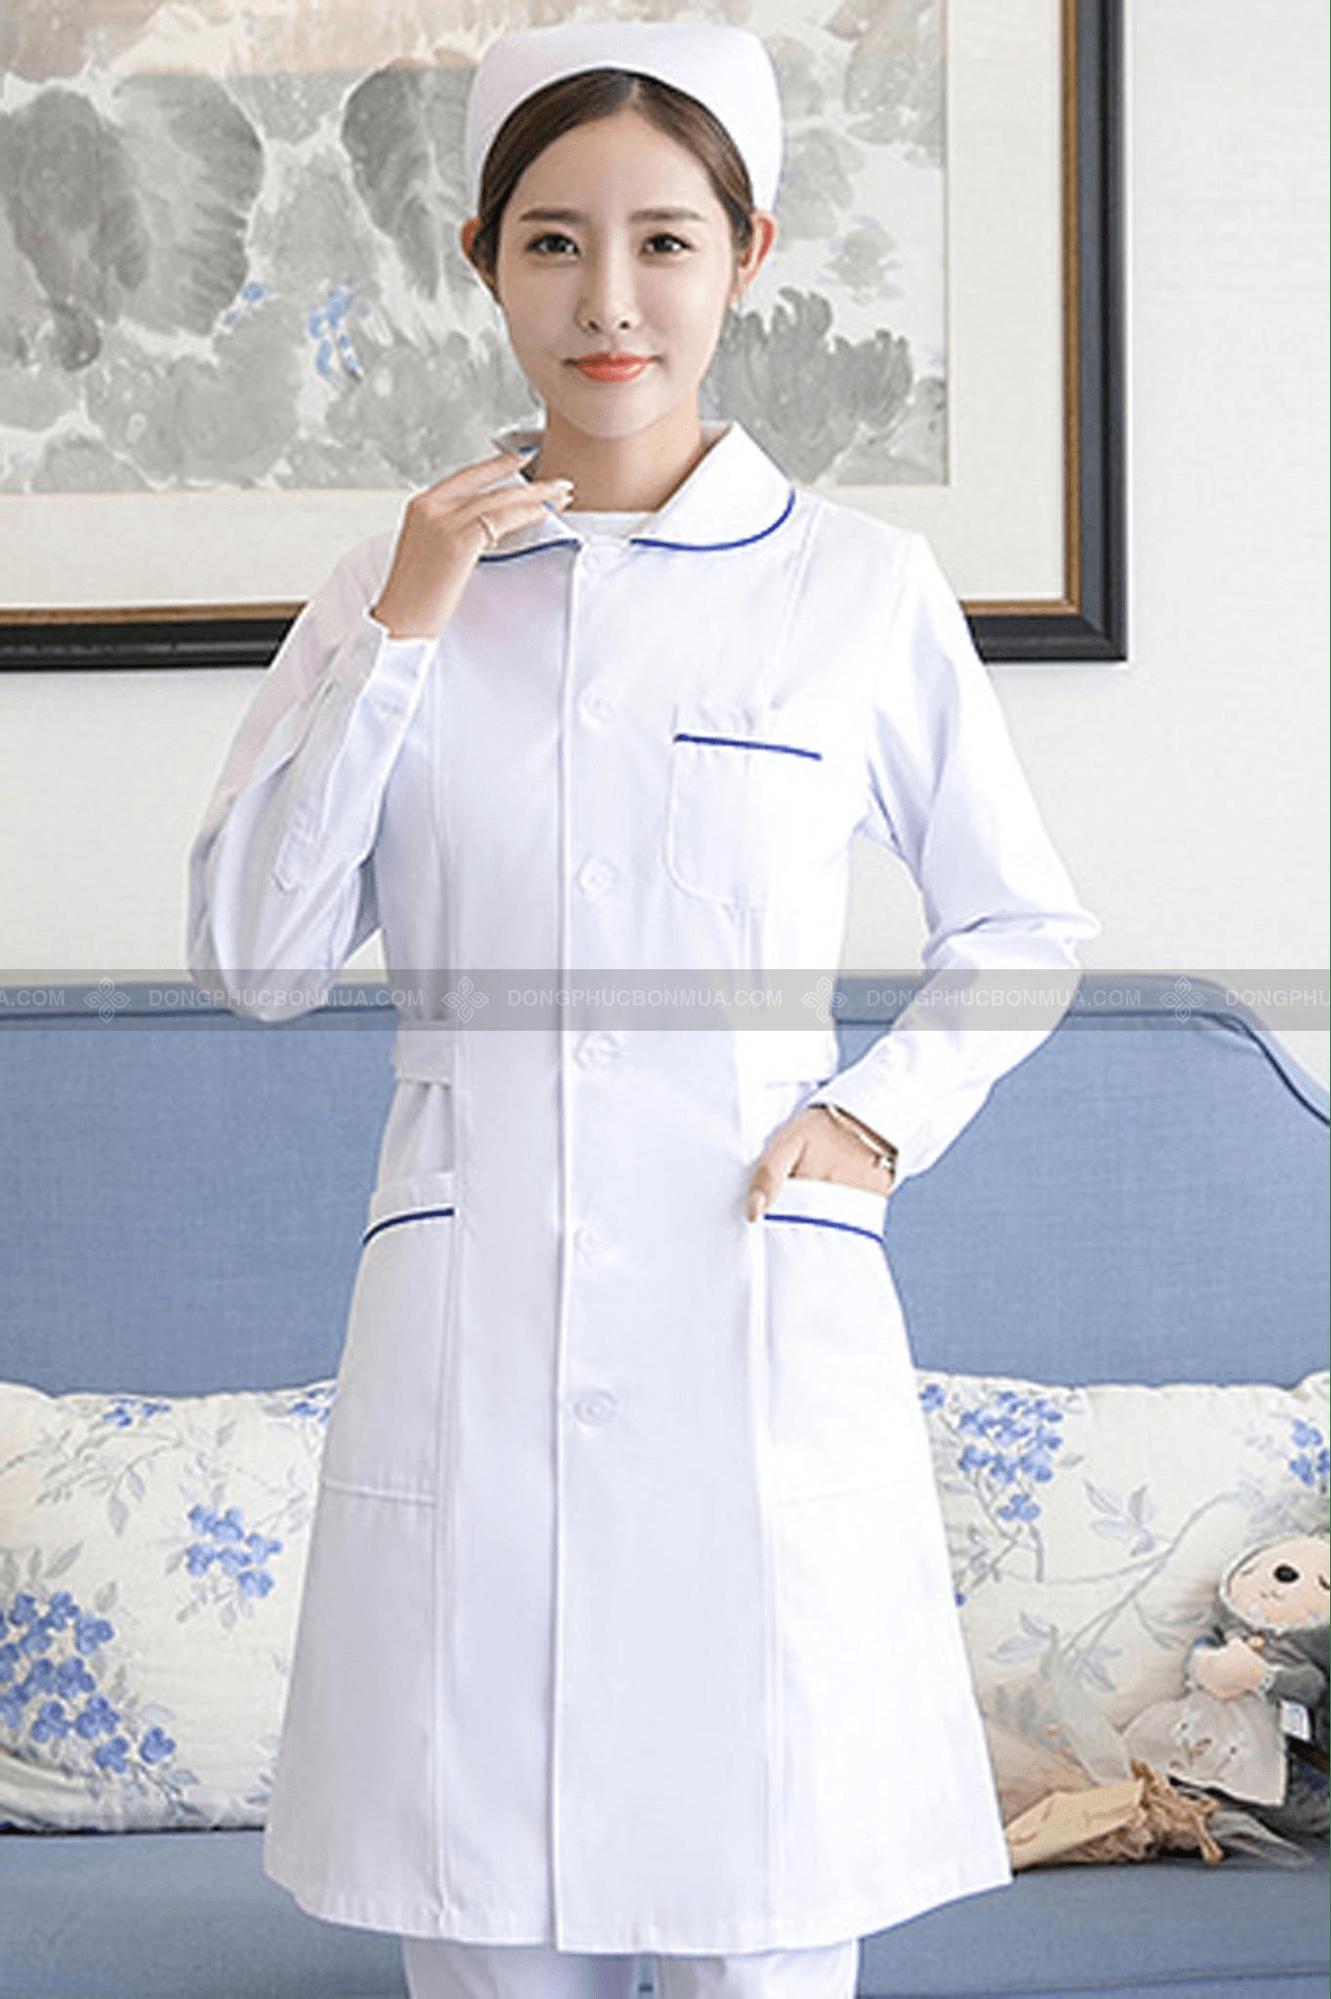 vải may đồng phục y tế